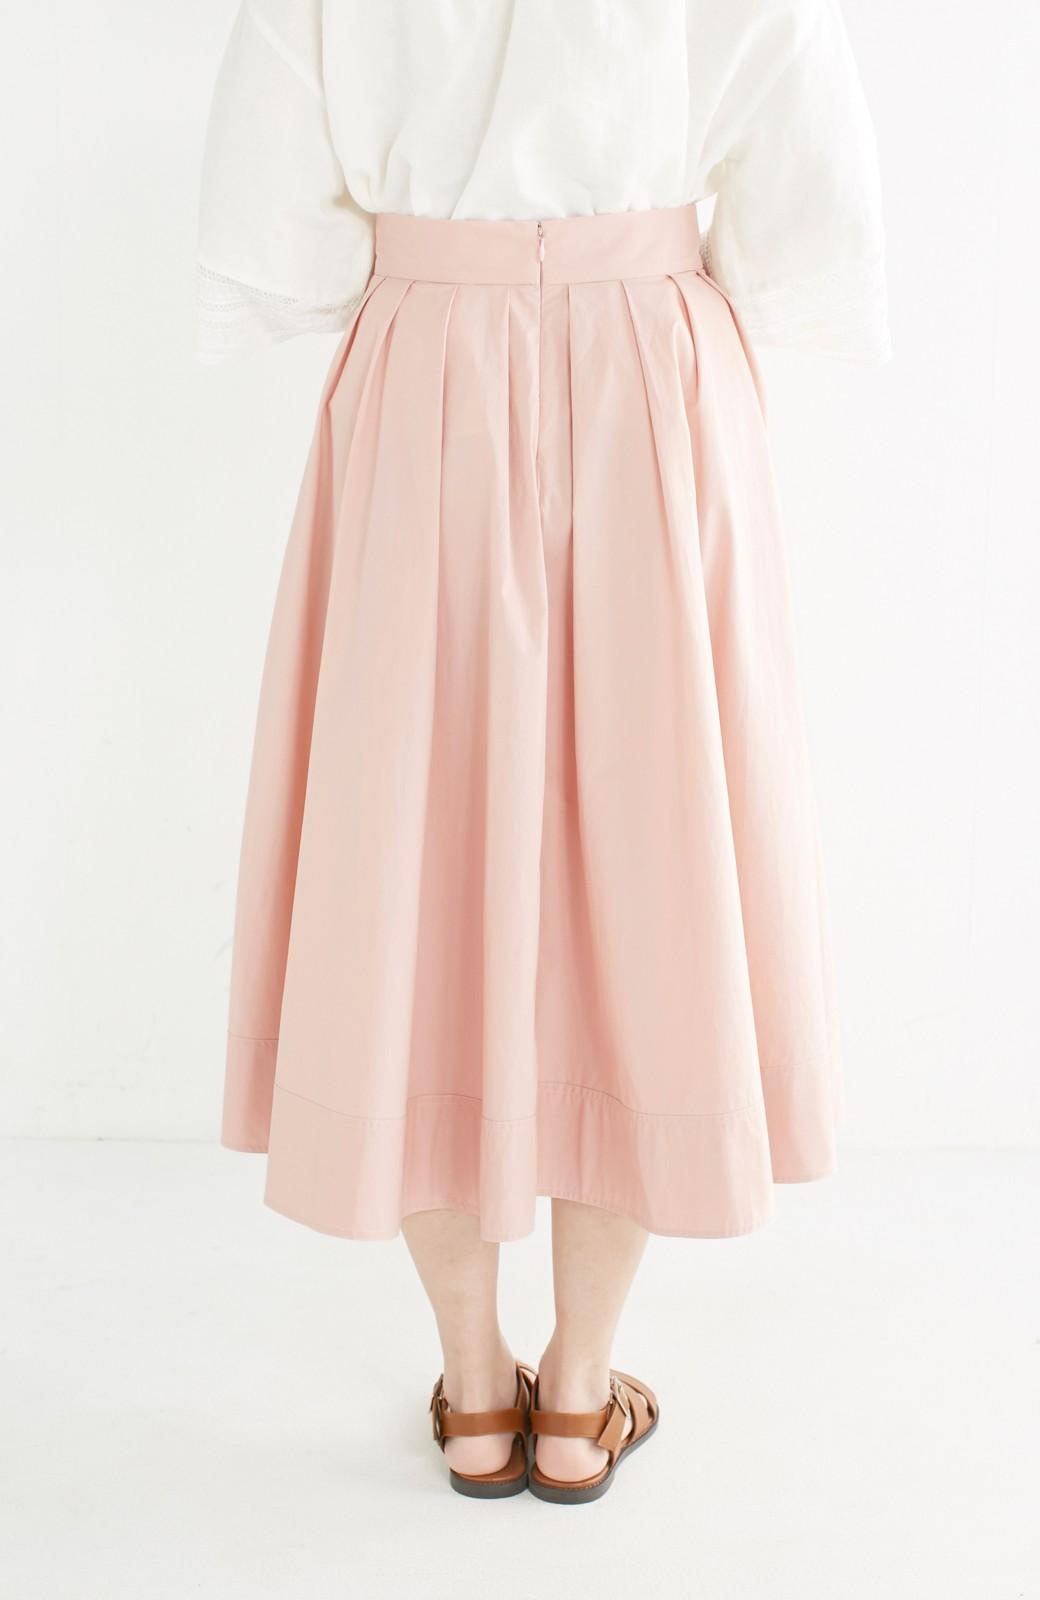 エムトロワ きれい色のイレギュラーヘムスカート <ピンク>の商品写真5